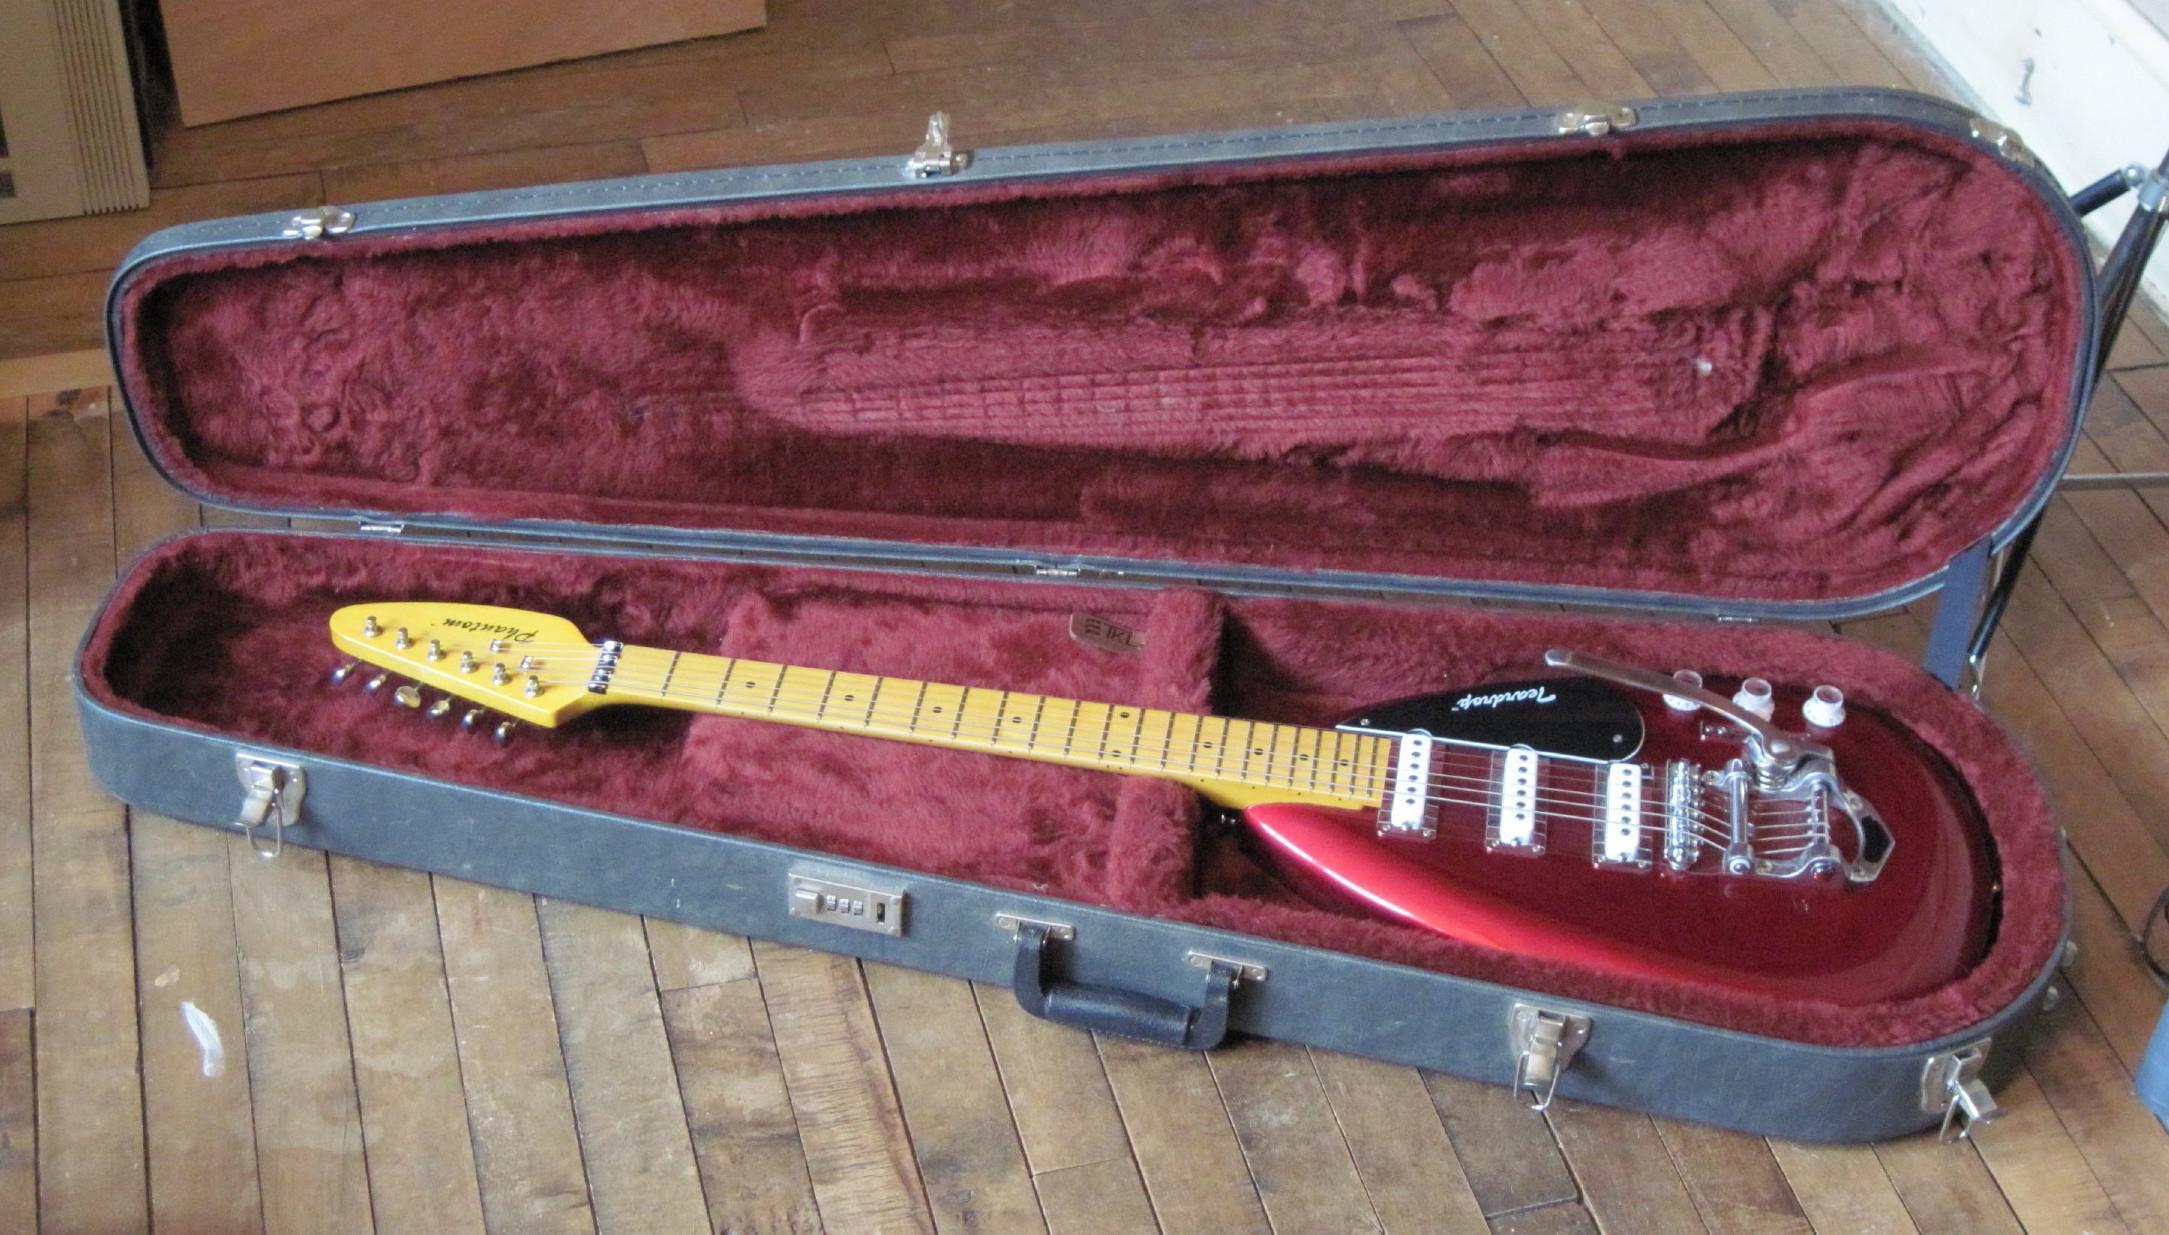 Personalizada Fantasma Hutchins Brian Jones Vox 1960 PGW Lágrima Firma rojo metálico semi hueco de la guitarra eléctrica de cuerpo Bigs Puente 3 Pastillas